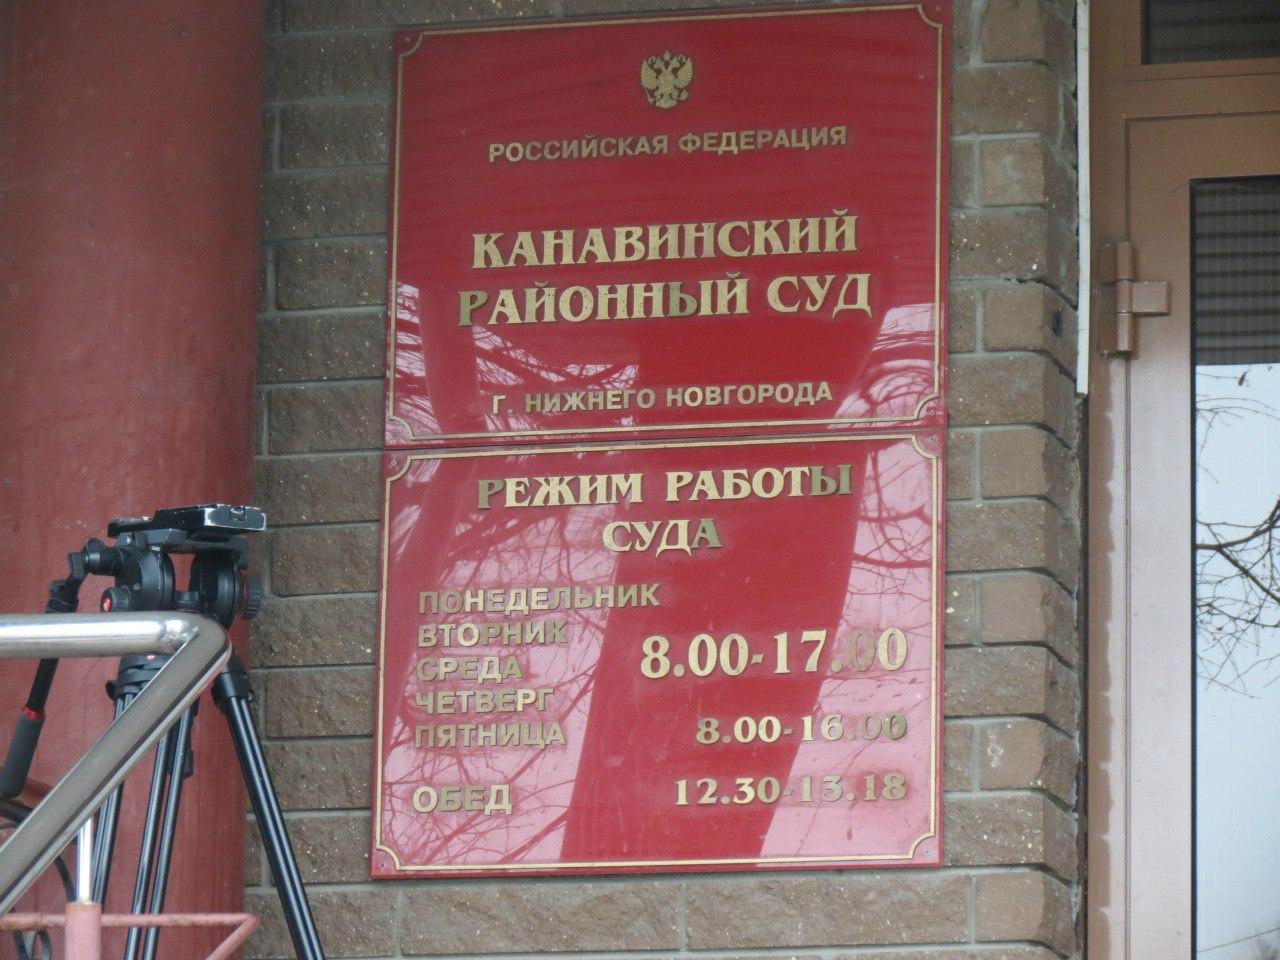 Мировые судьи Нижегородского района г. Нижний Новгород: участки